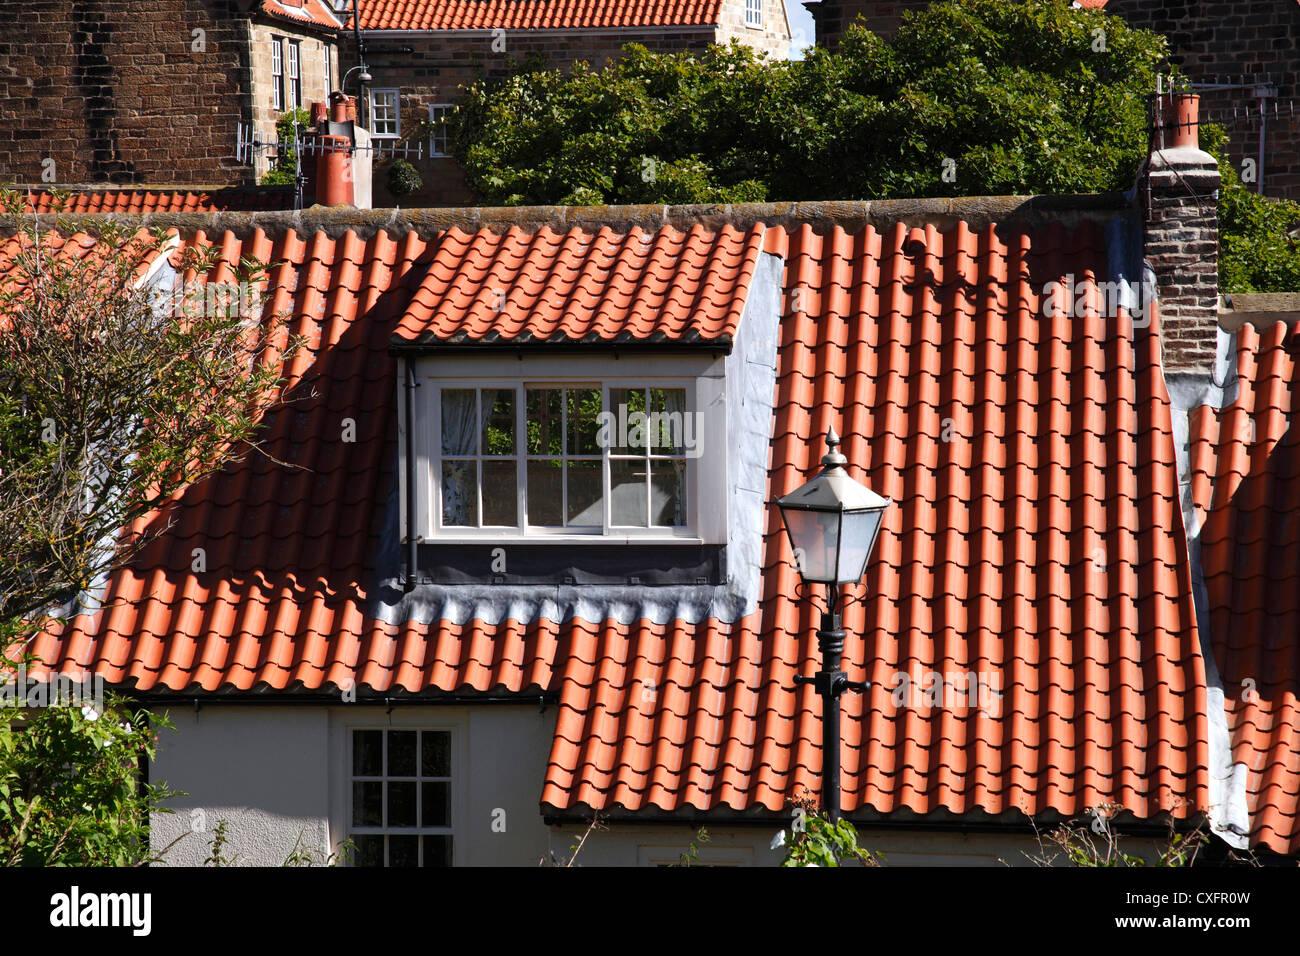 eine dachgaube auf ein haus in gro britannien stockfoto bild 50749129 alamy. Black Bedroom Furniture Sets. Home Design Ideas